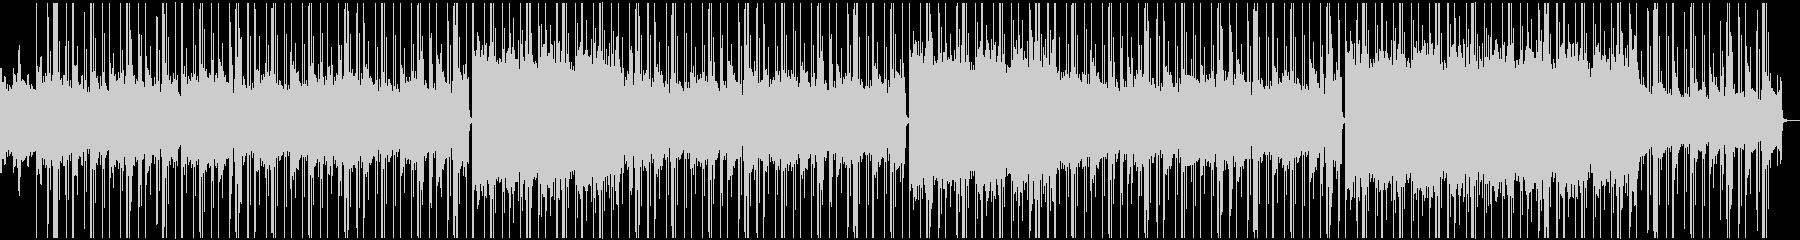 ピアノ ヒップホップ type beatの未再生の波形